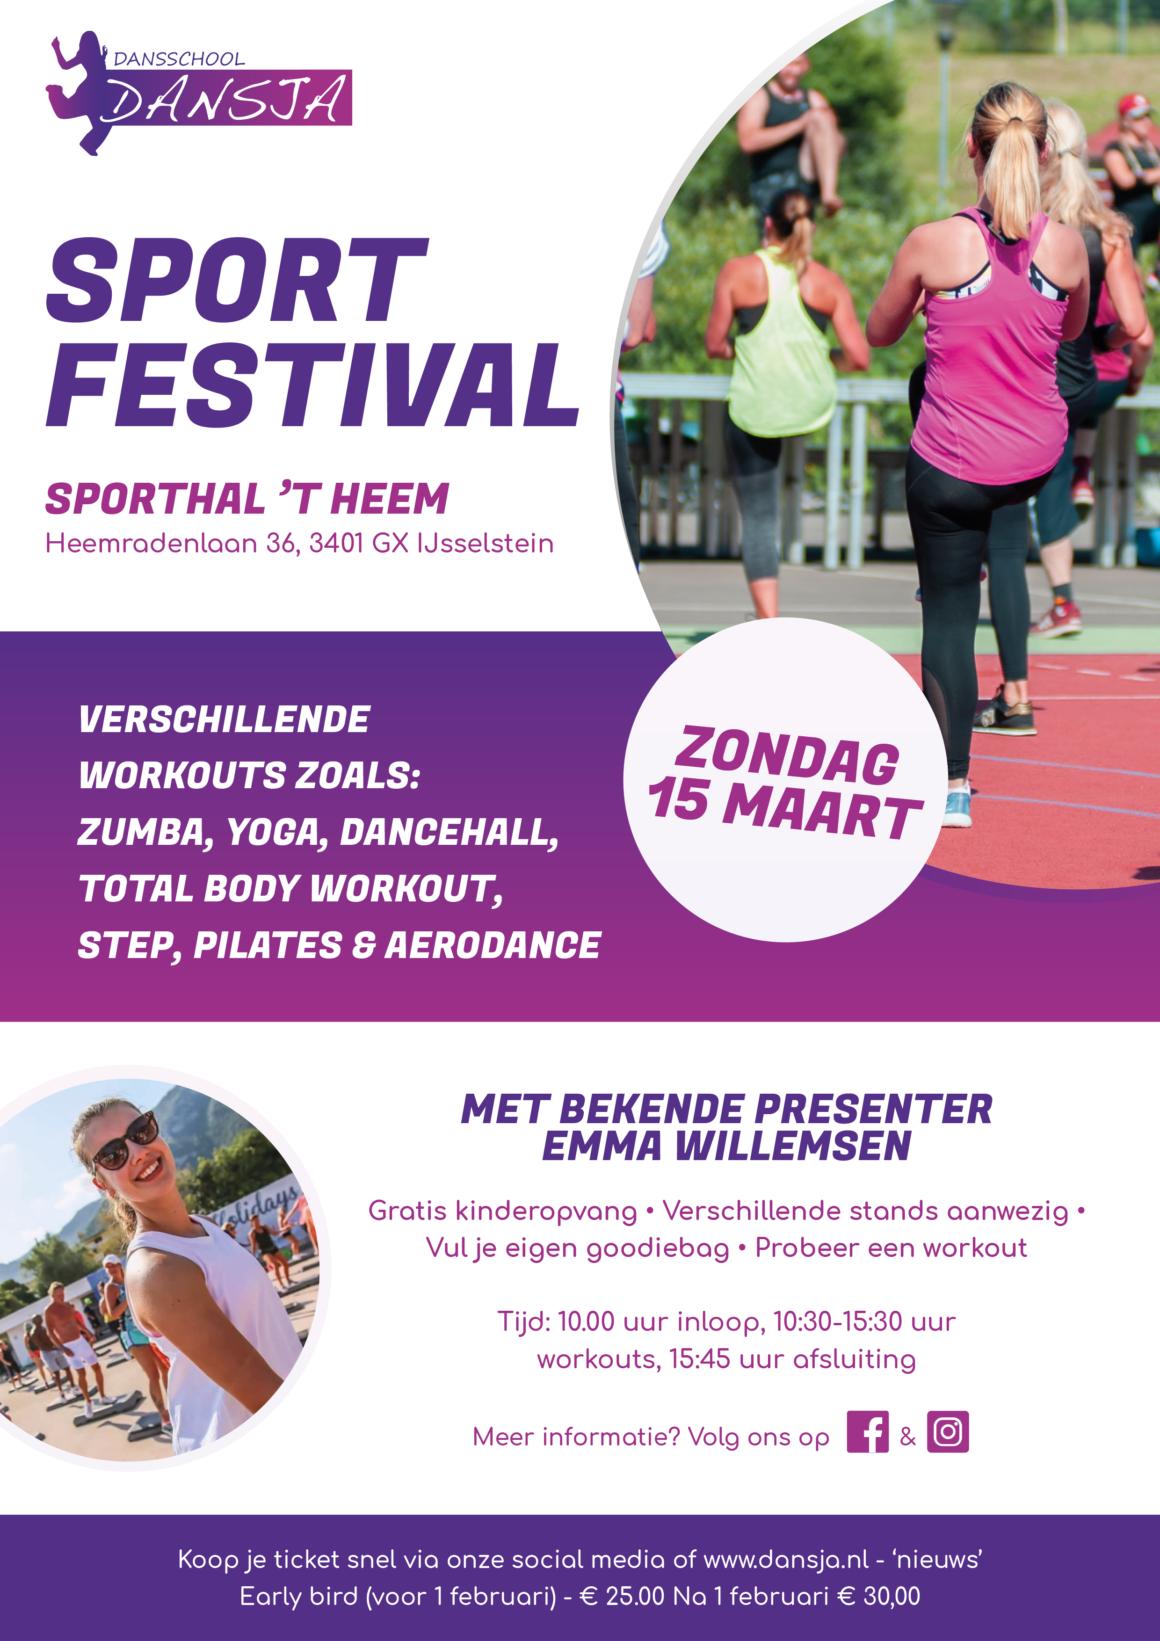 SPORT FESTIVAL – Zondag 15 maart 2020